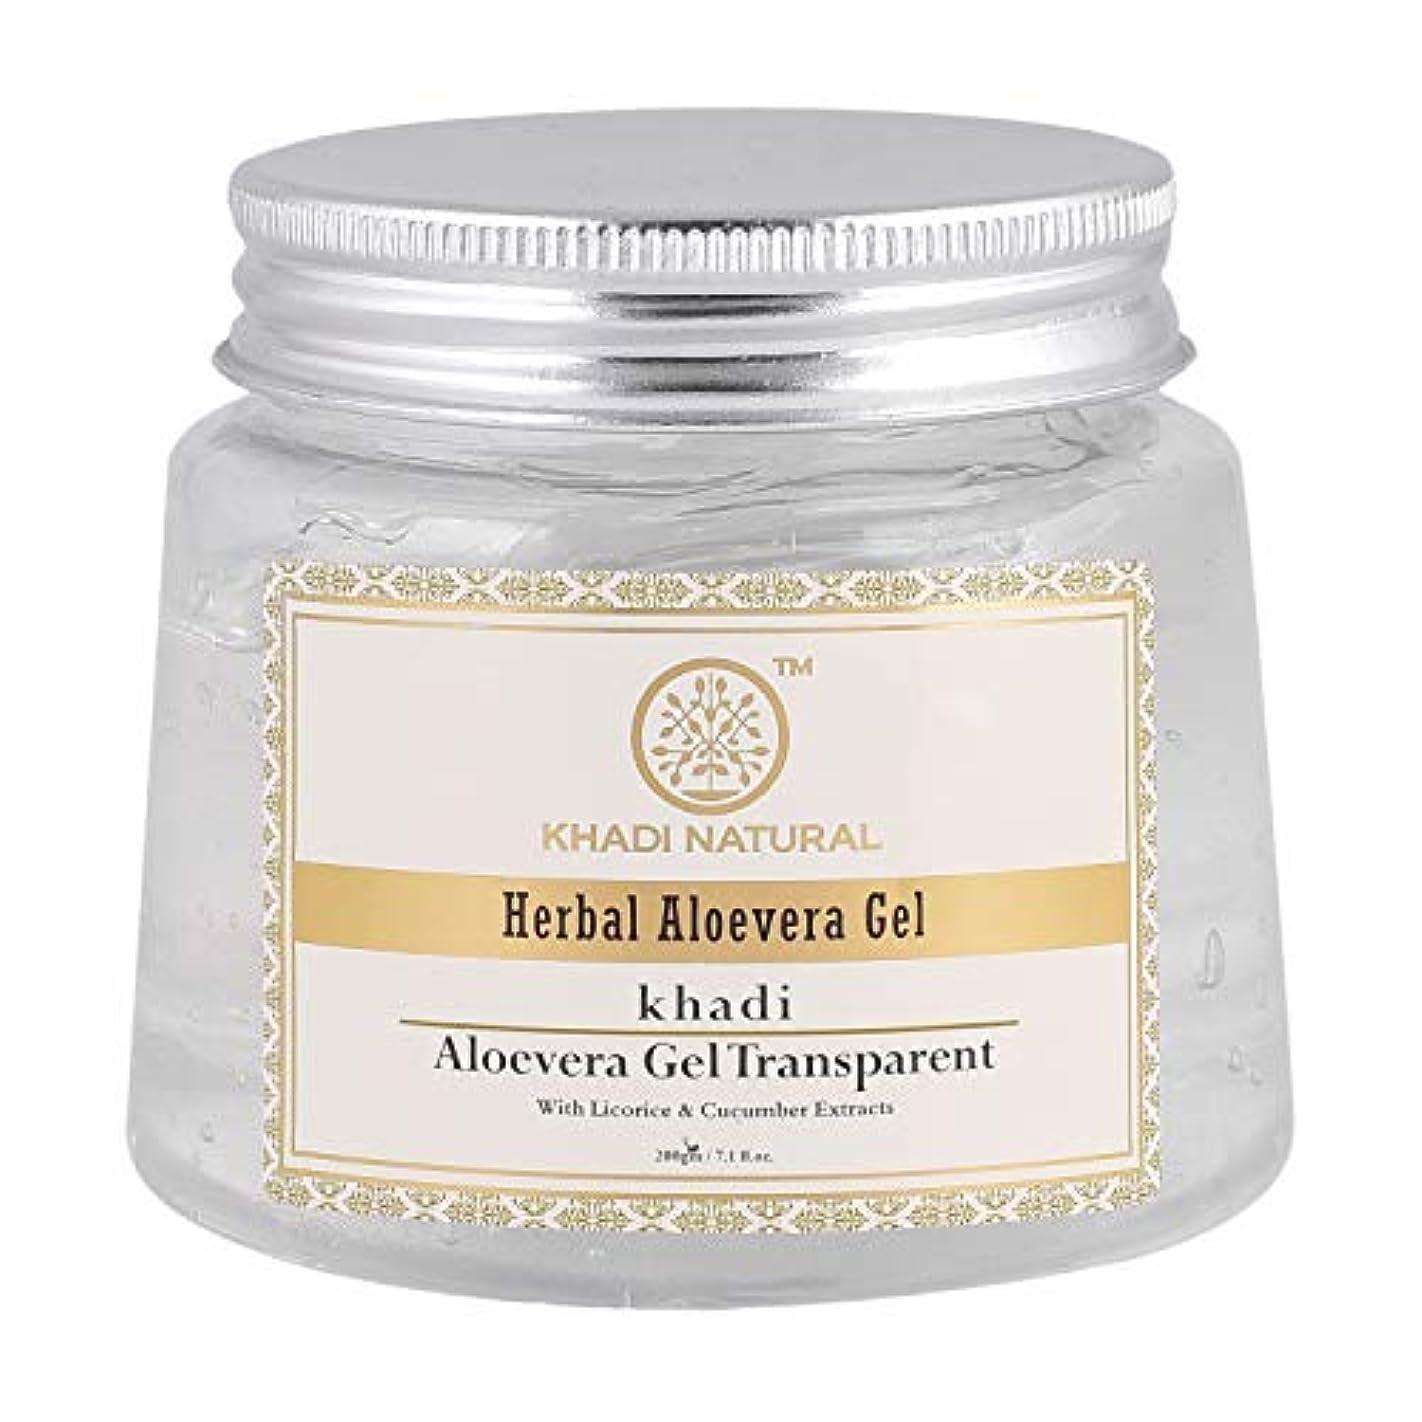 どっちでもトレースアスレチックKhadi Natural Herbal Aloevera Gel With Liqorice & Cucumber Extracts 200g